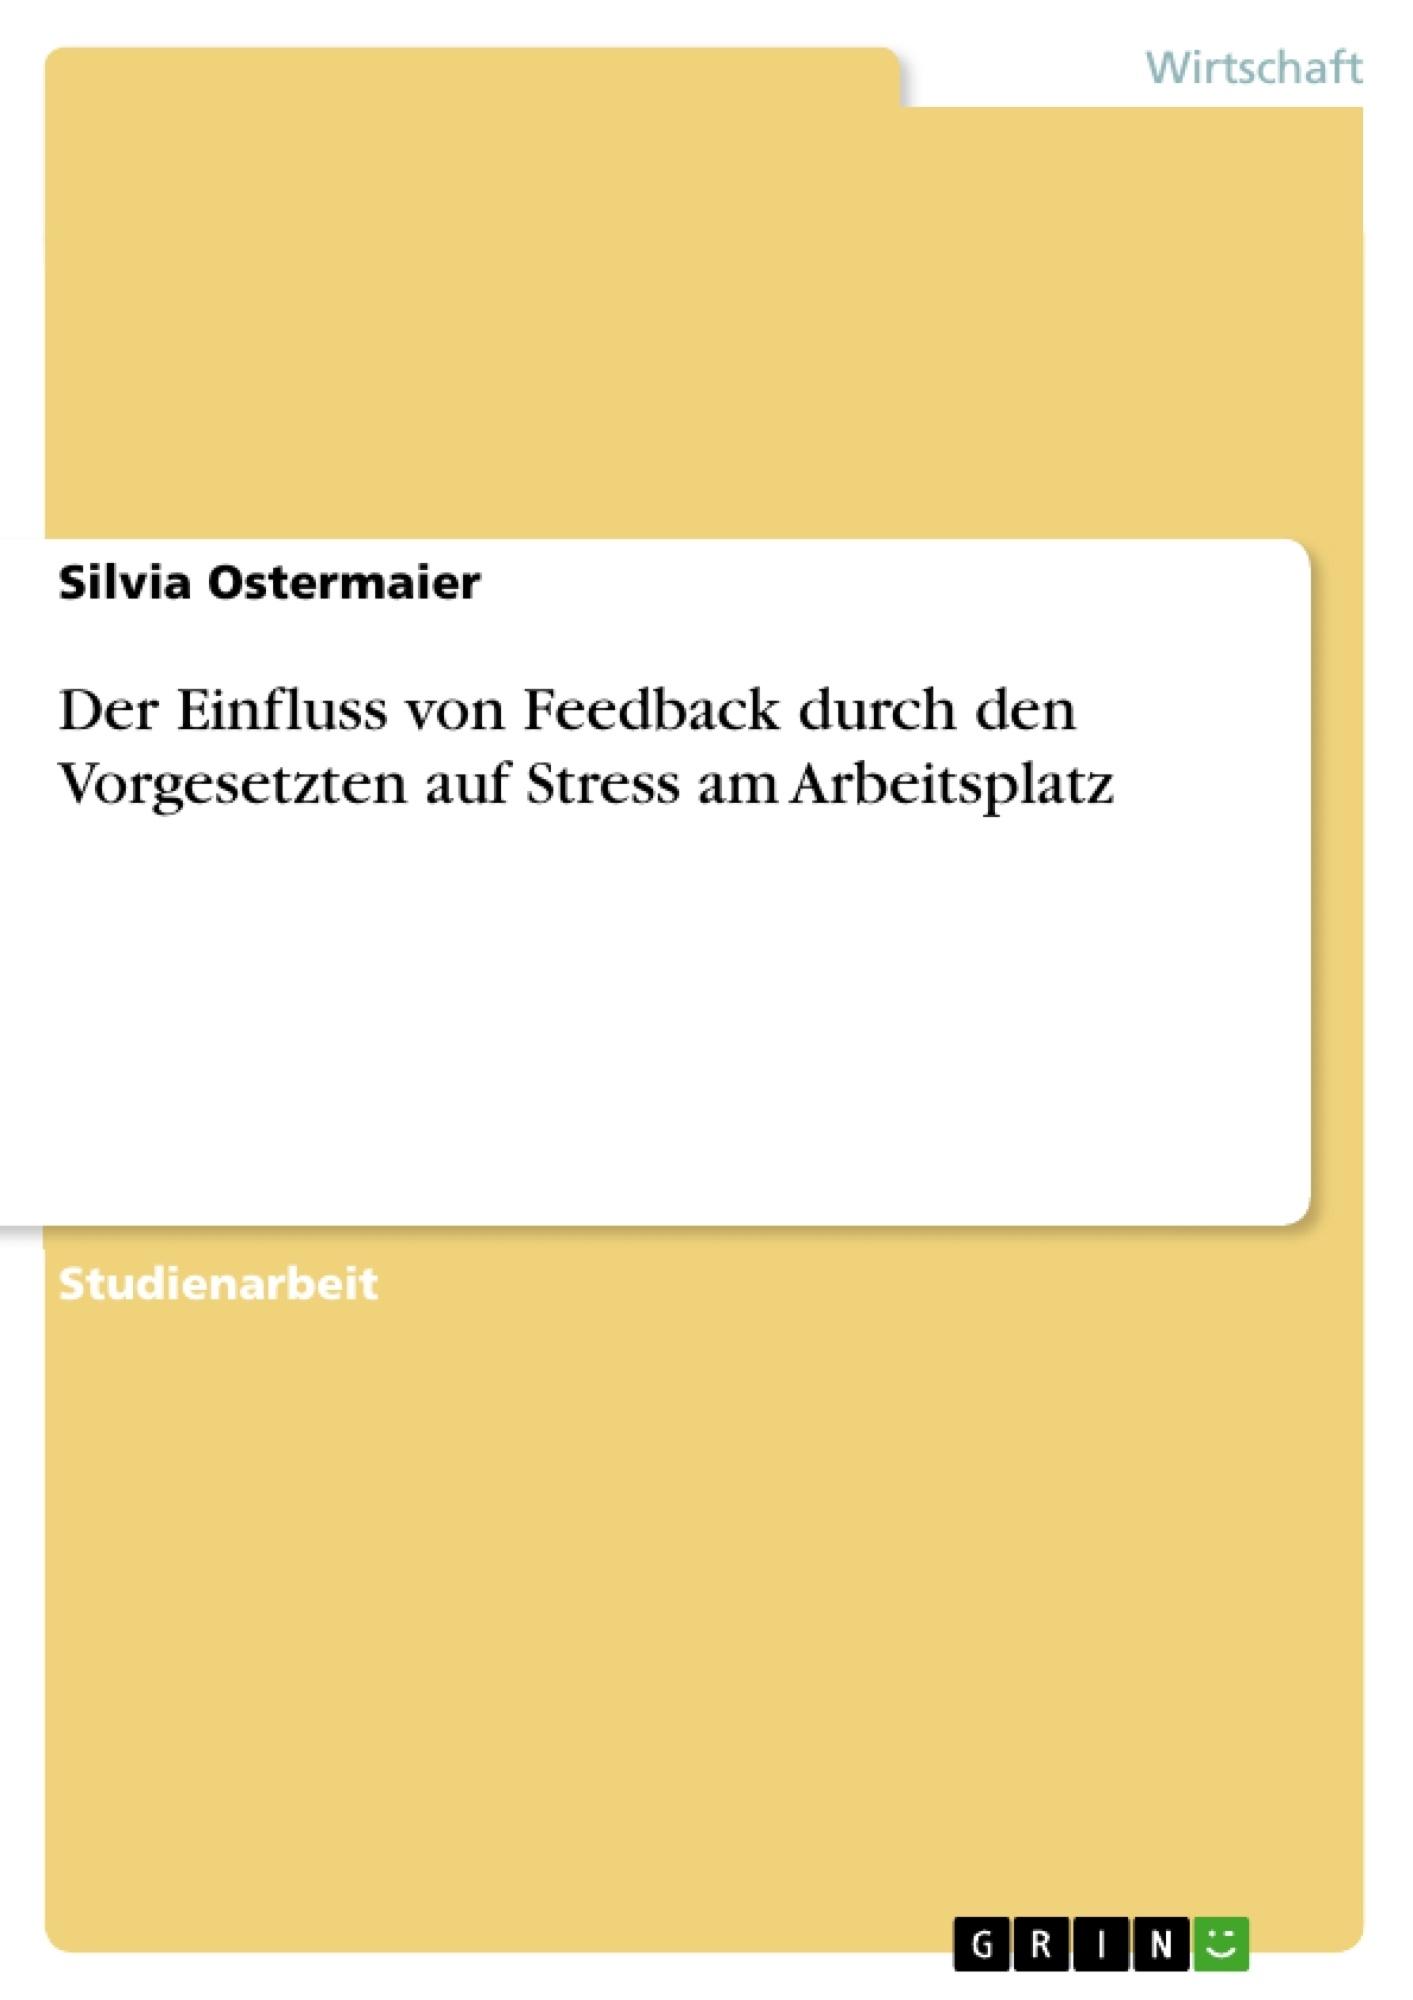 Titel: Der Einfluss von Feedback durch den Vorgesetzten auf Stress am Arbeitsplatz